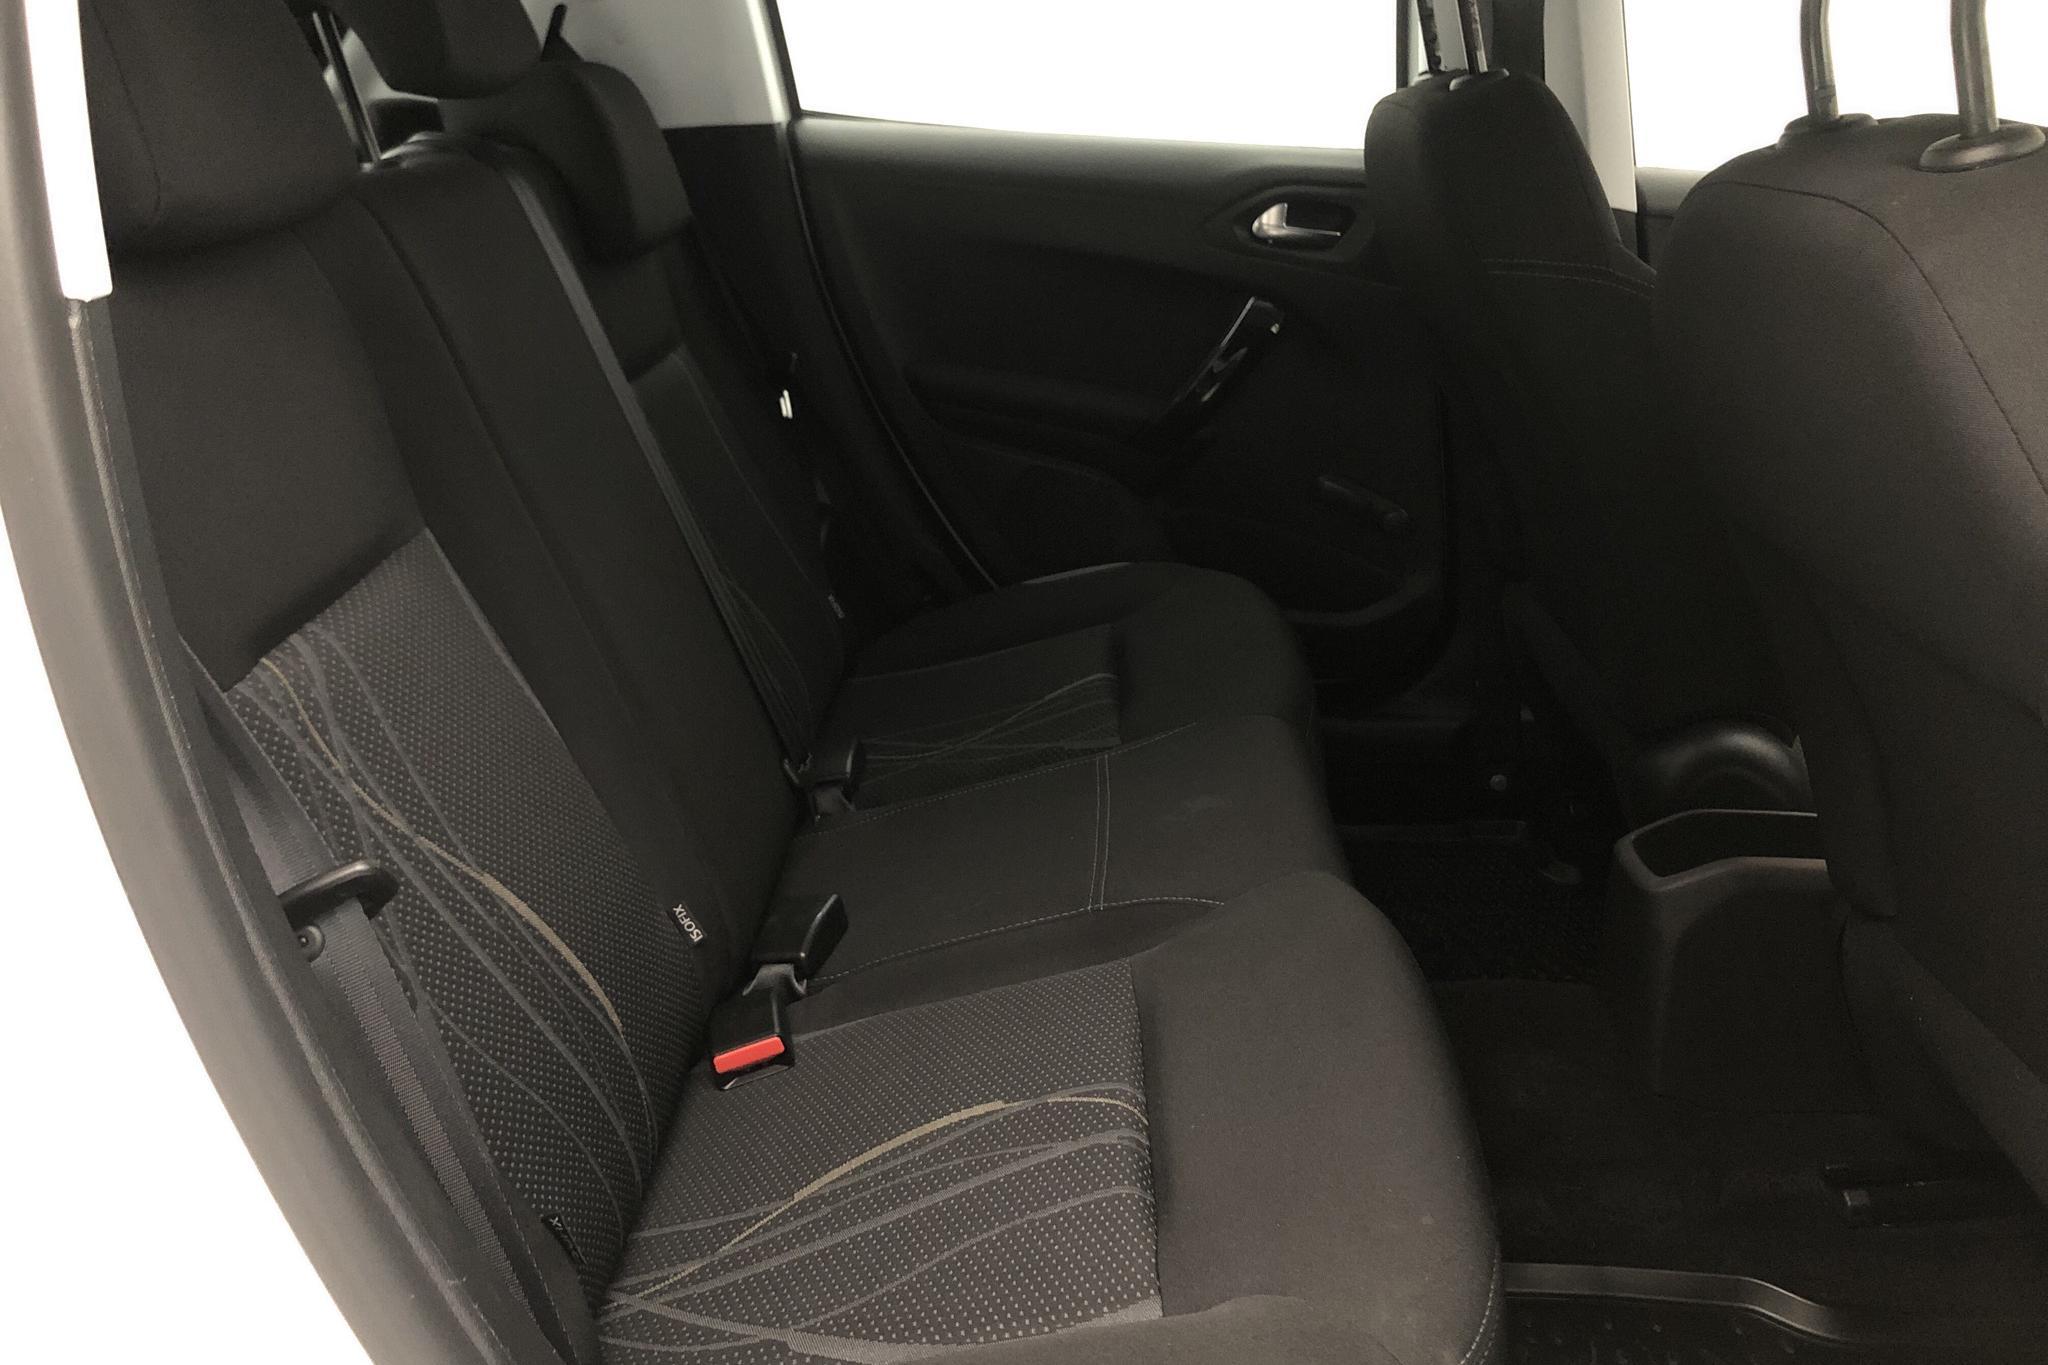 Peugeot 208 1.2 VTi 5dr (82hk) - 6 888 mil - Manuell - vit - 2015